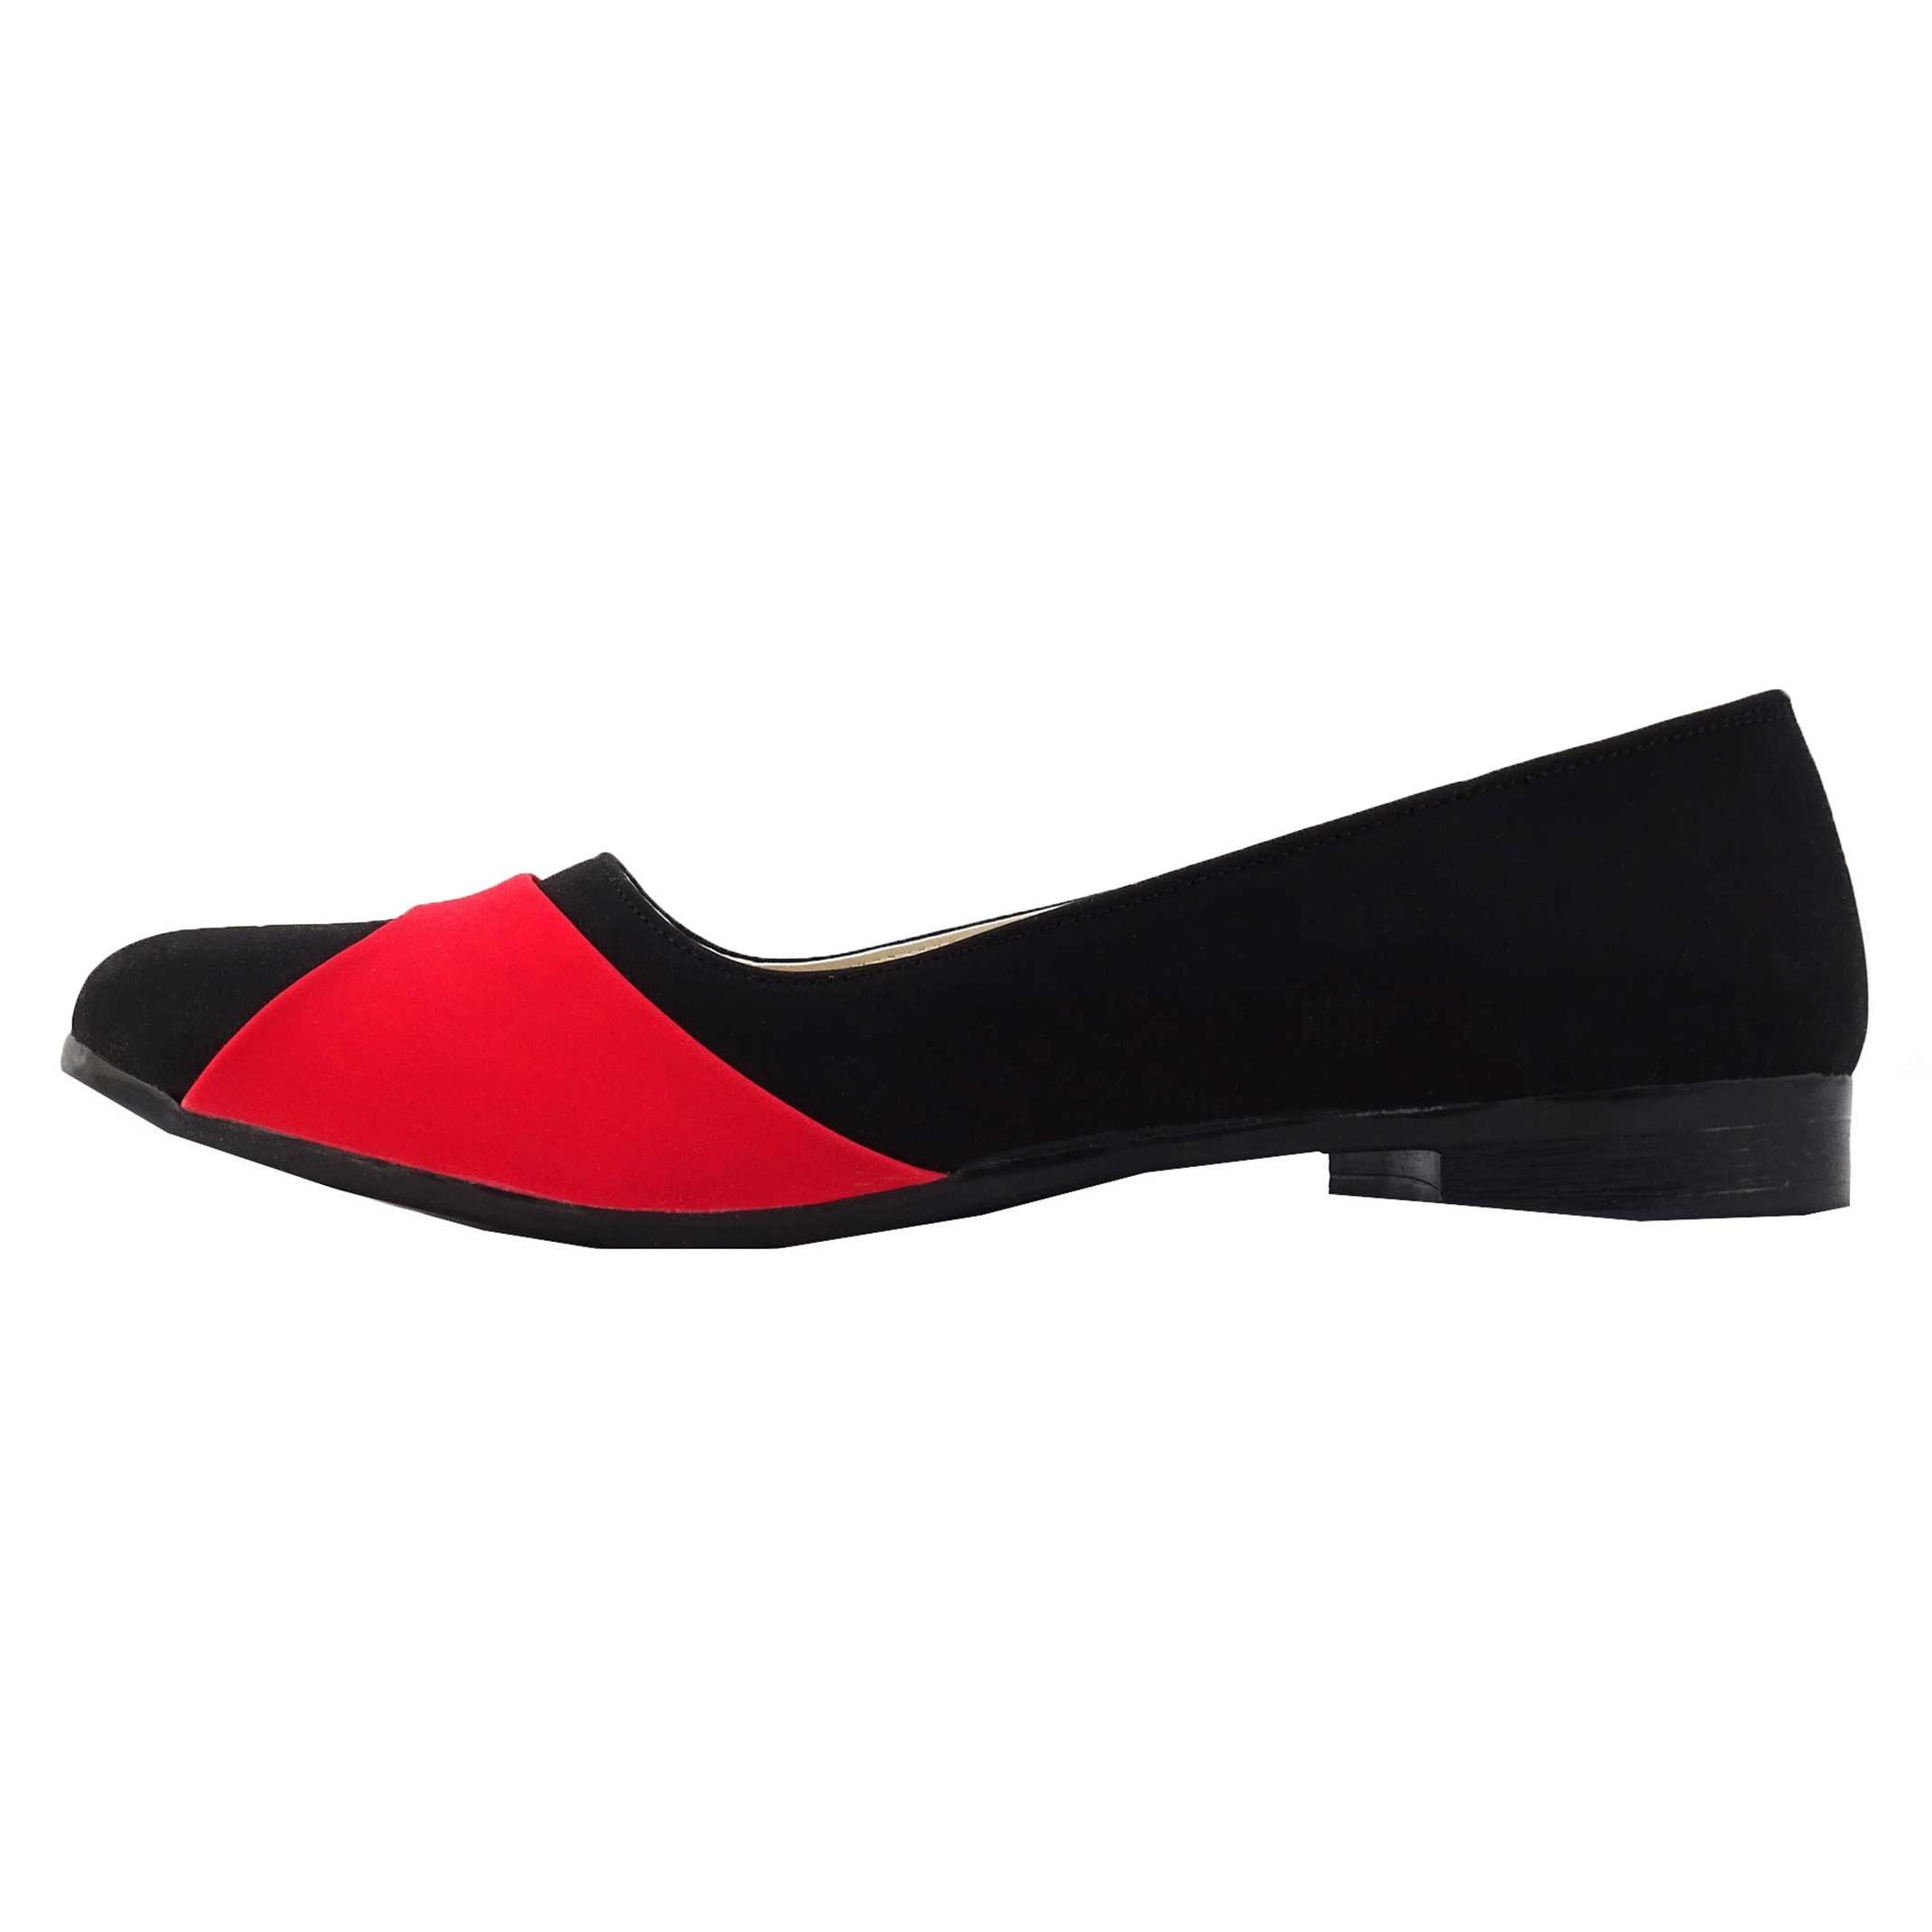 کفش زنانه آذاردو مدل W02010